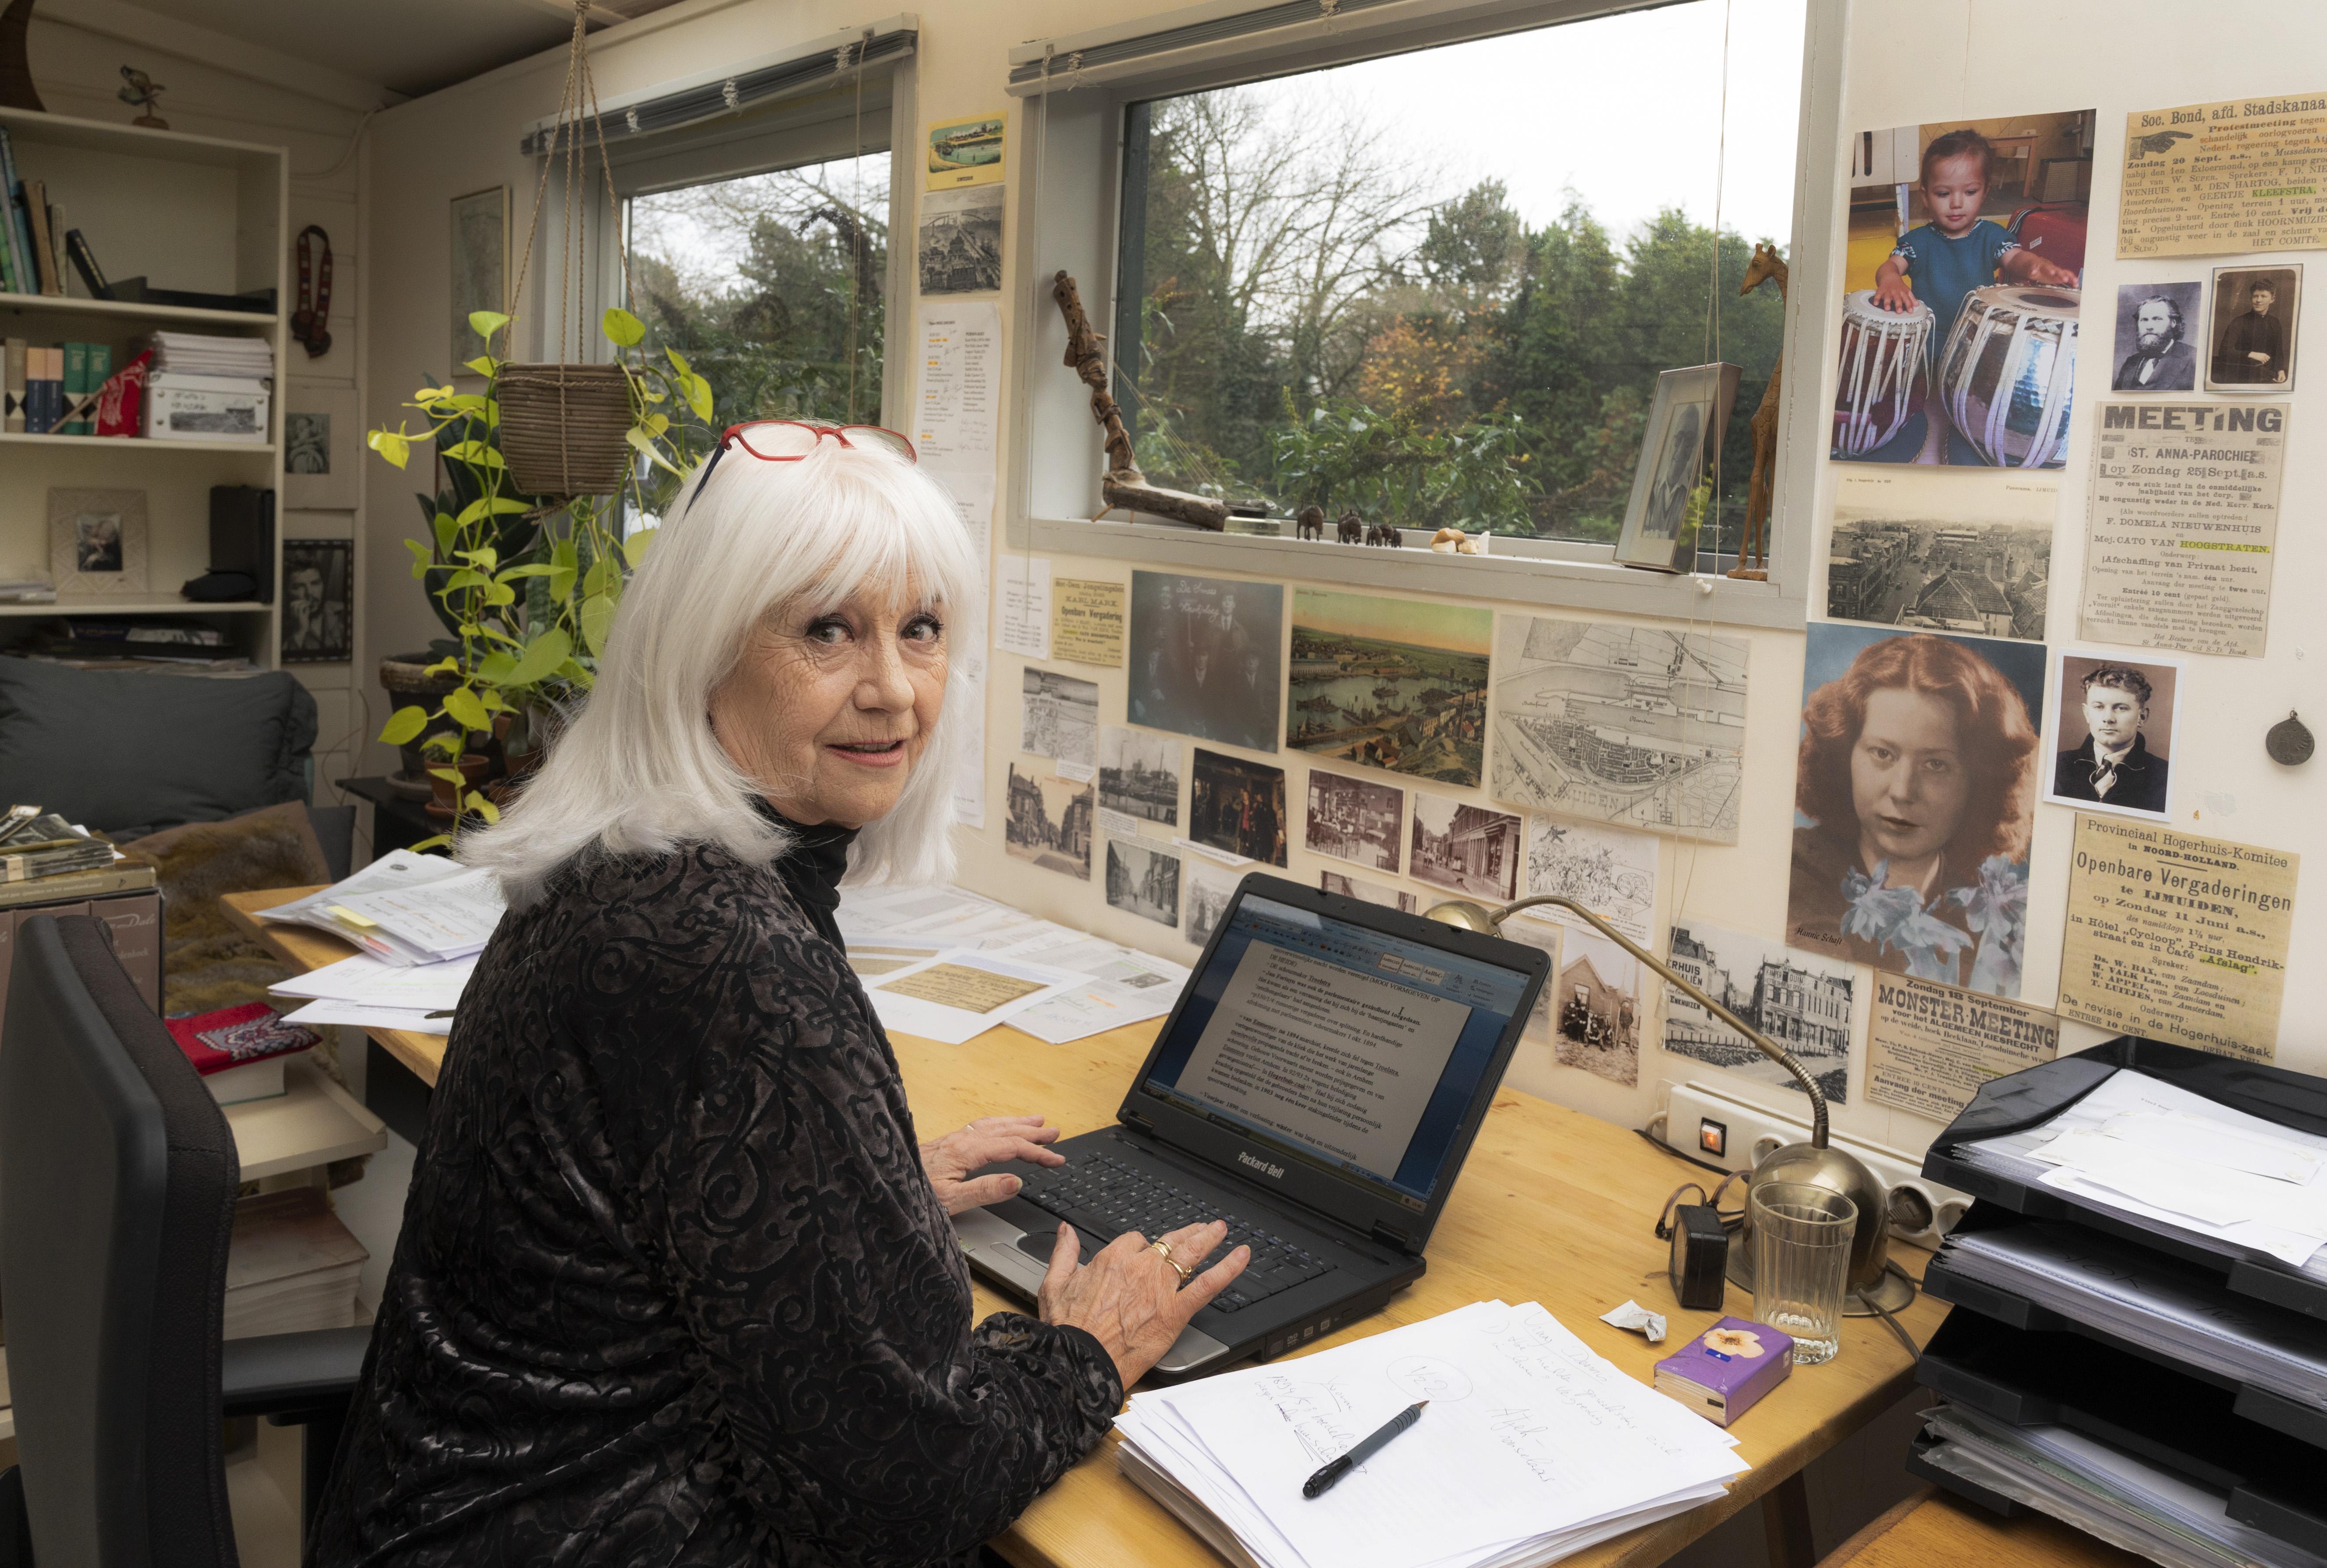 Schrijfster Conny Braam over het meisje met het rode haar: 'Hannie Schaft was buitengewoon bijzonder met een unieke onafhankelijke geest'